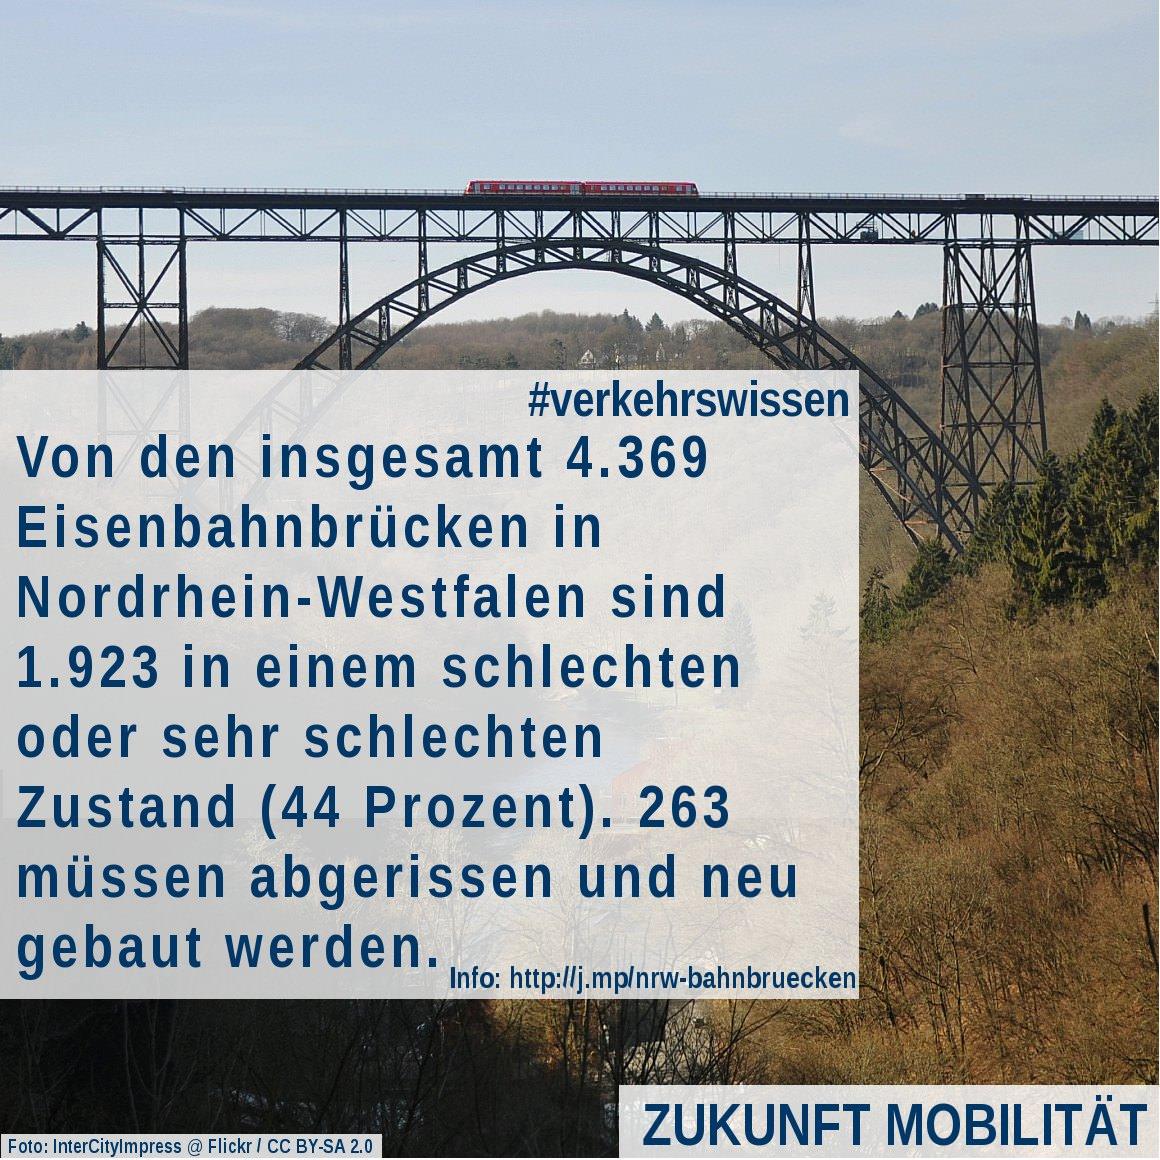 Zustand der Eisenbahnbrücken in Nordrhein-Westfalen Baufälligkeit